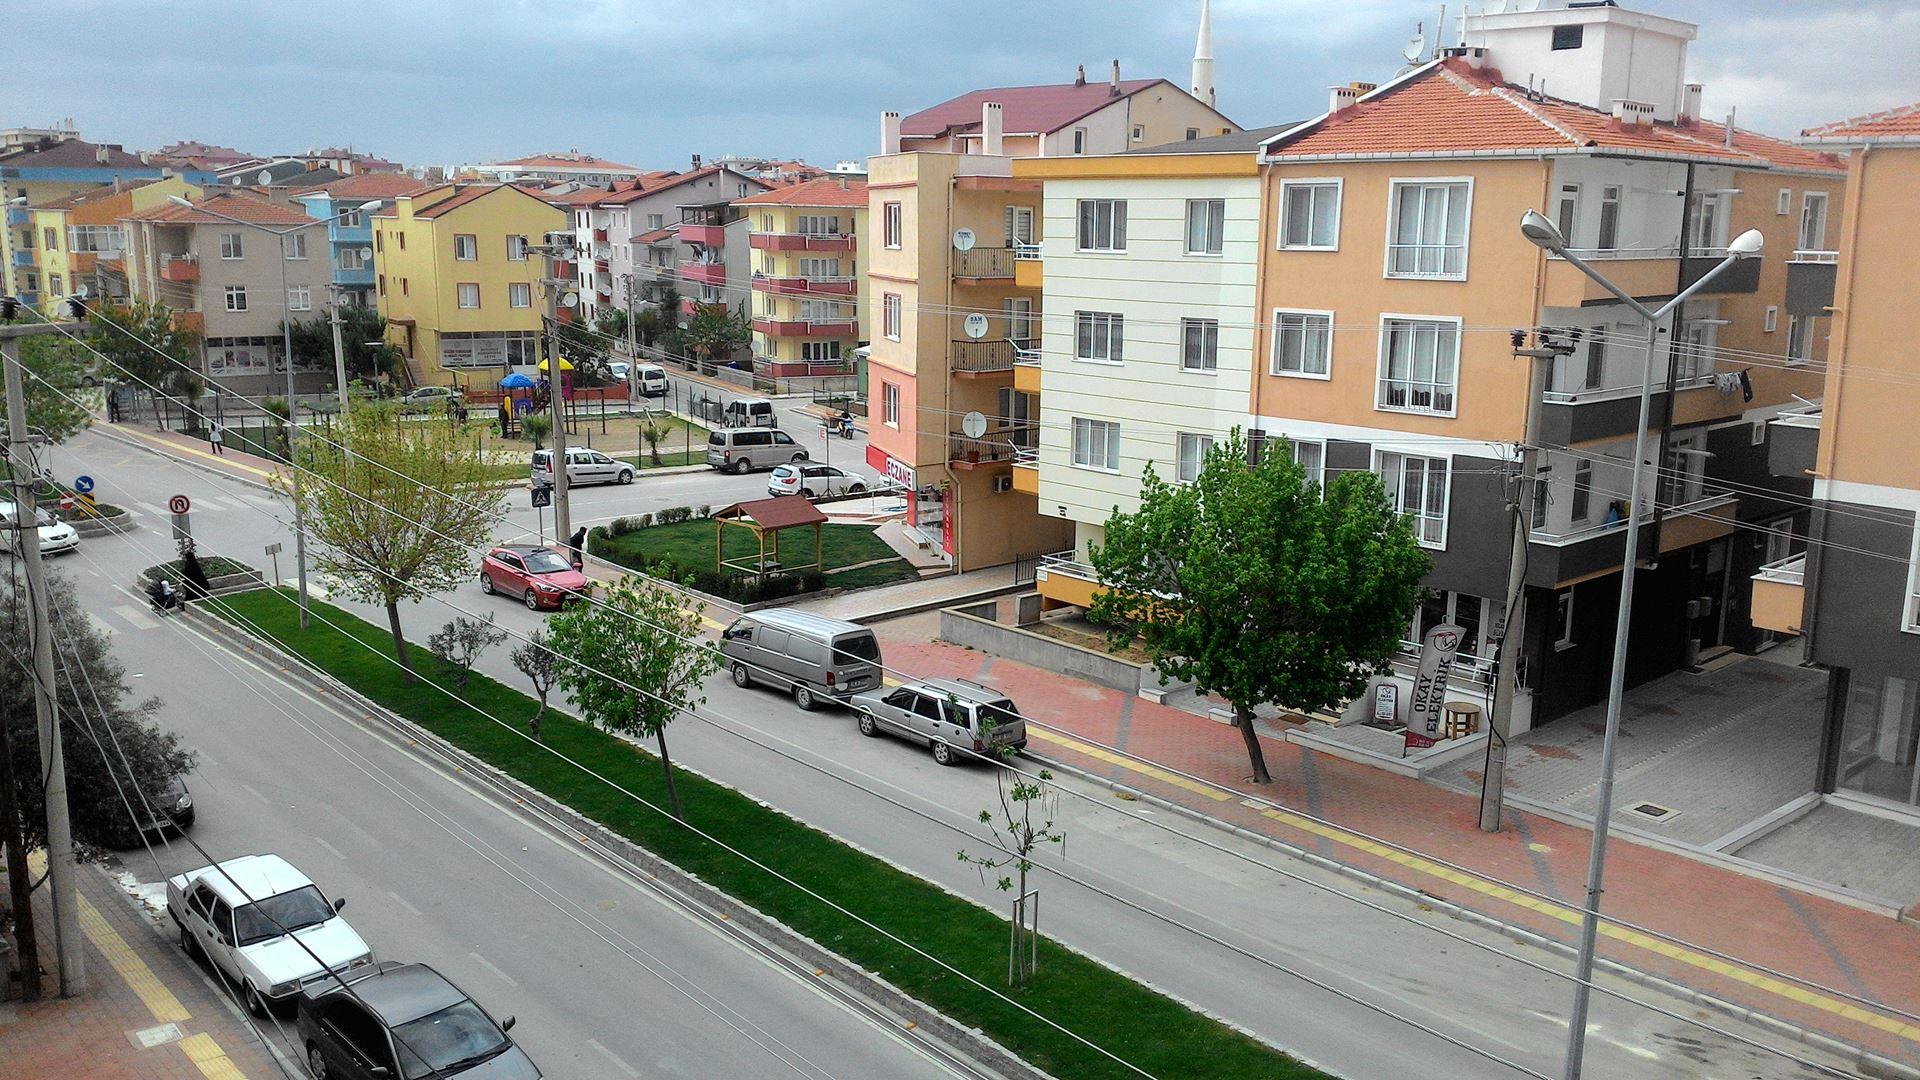 CENTURY21'DEN ANA CADDE ÜZERİ SATILIK UYGUN, 3+1 DUBLEKS